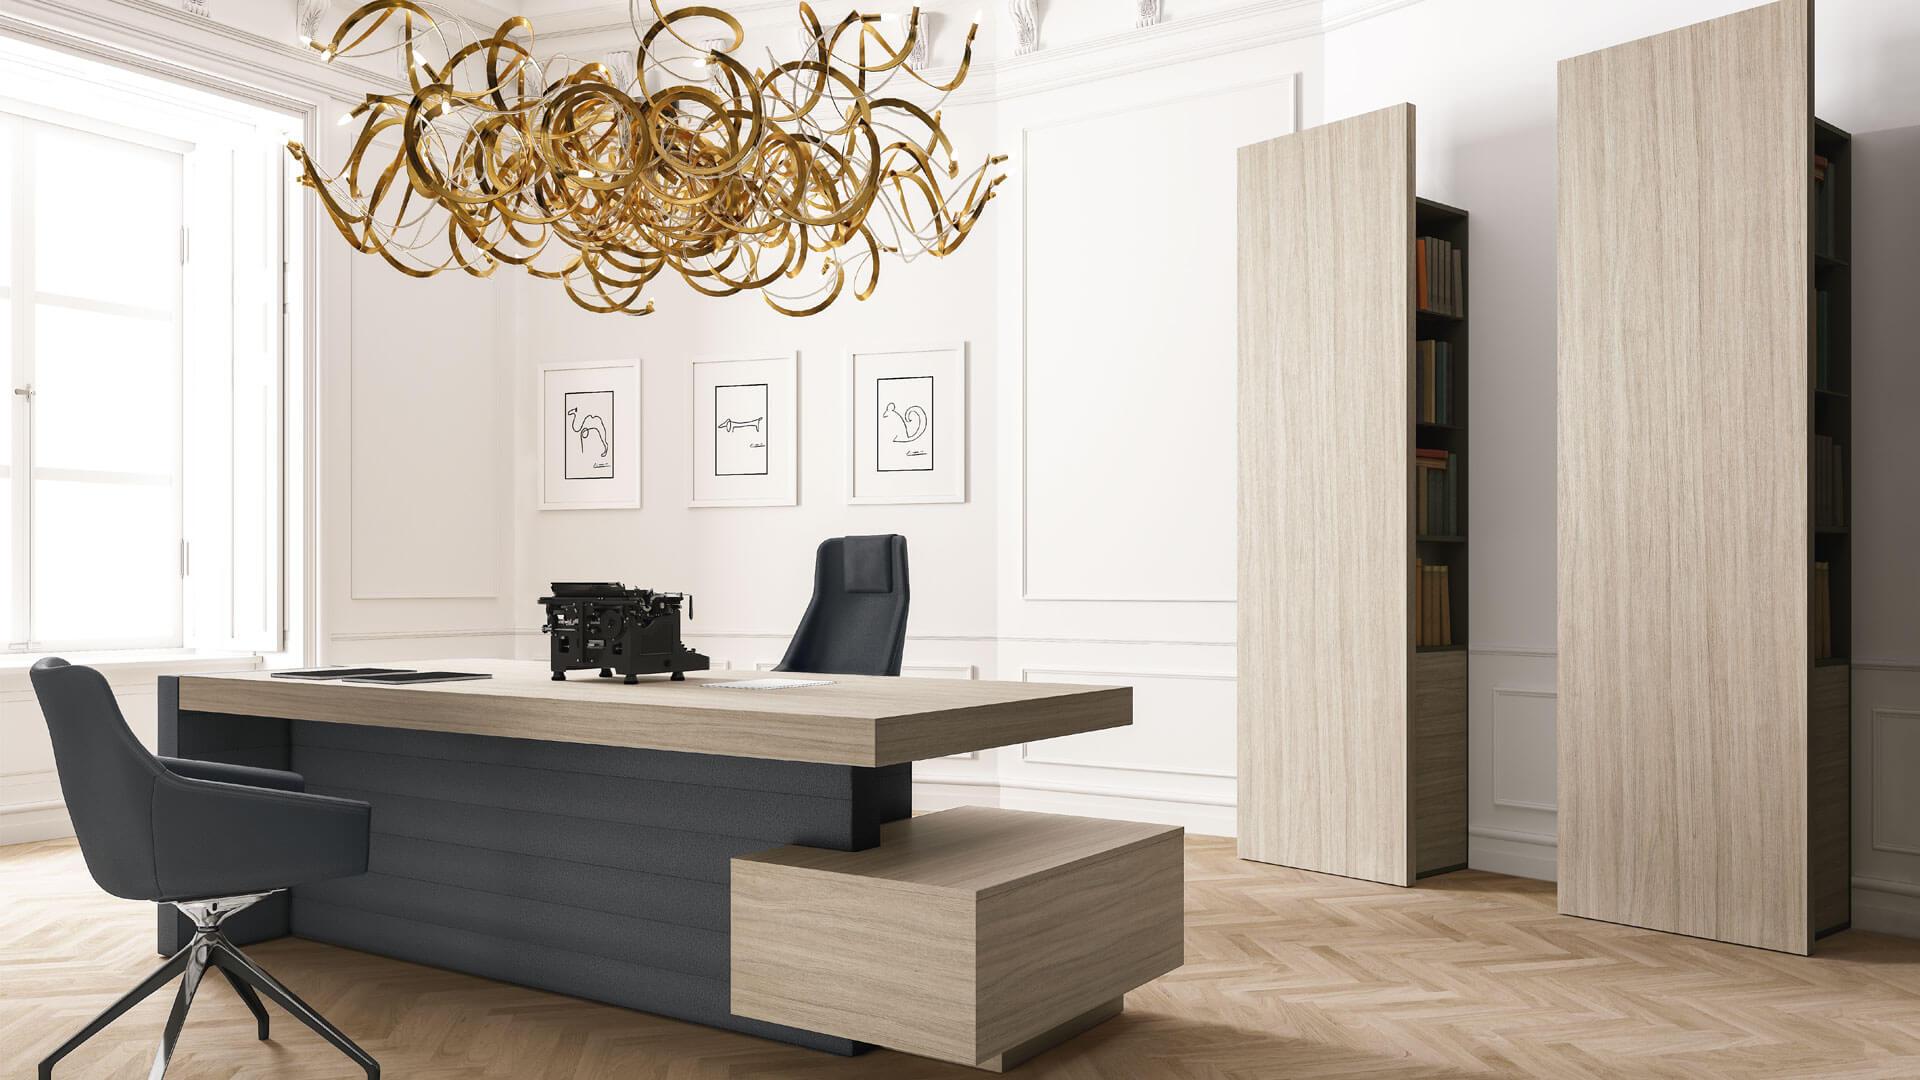 Mobili uffici forniture uffici metalliche banchi da for Lavoro arredamento milano